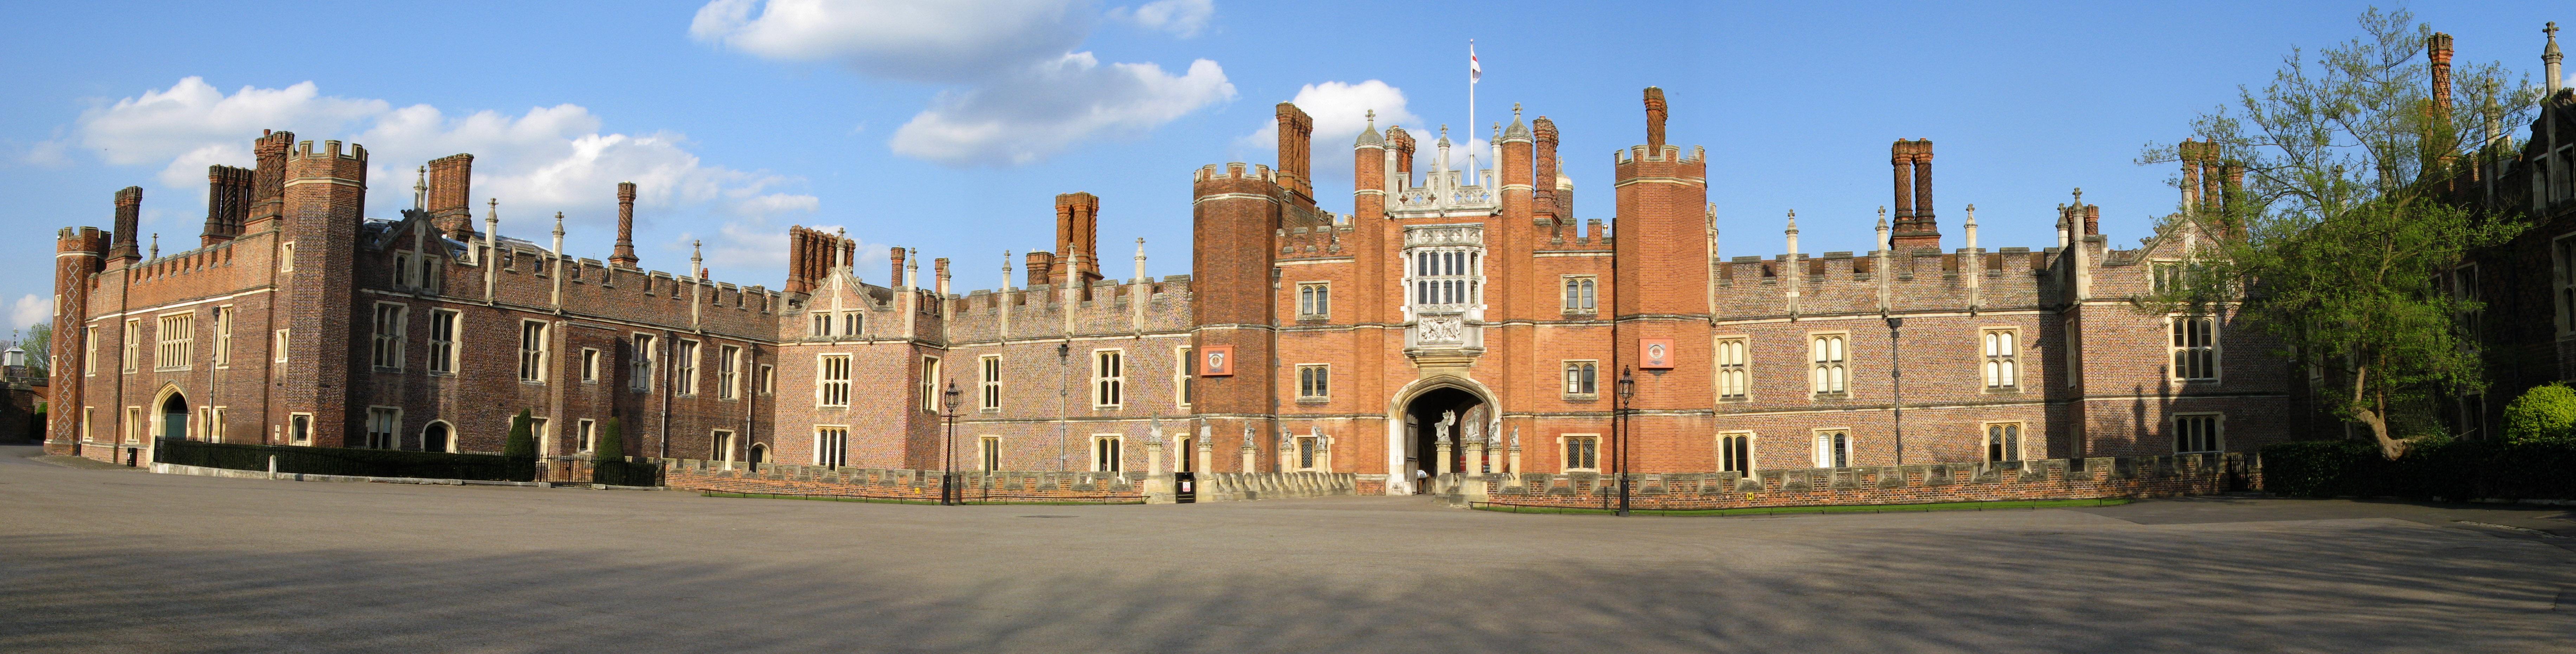 """Résultat de recherche d'images pour """"hampton court palace"""""""